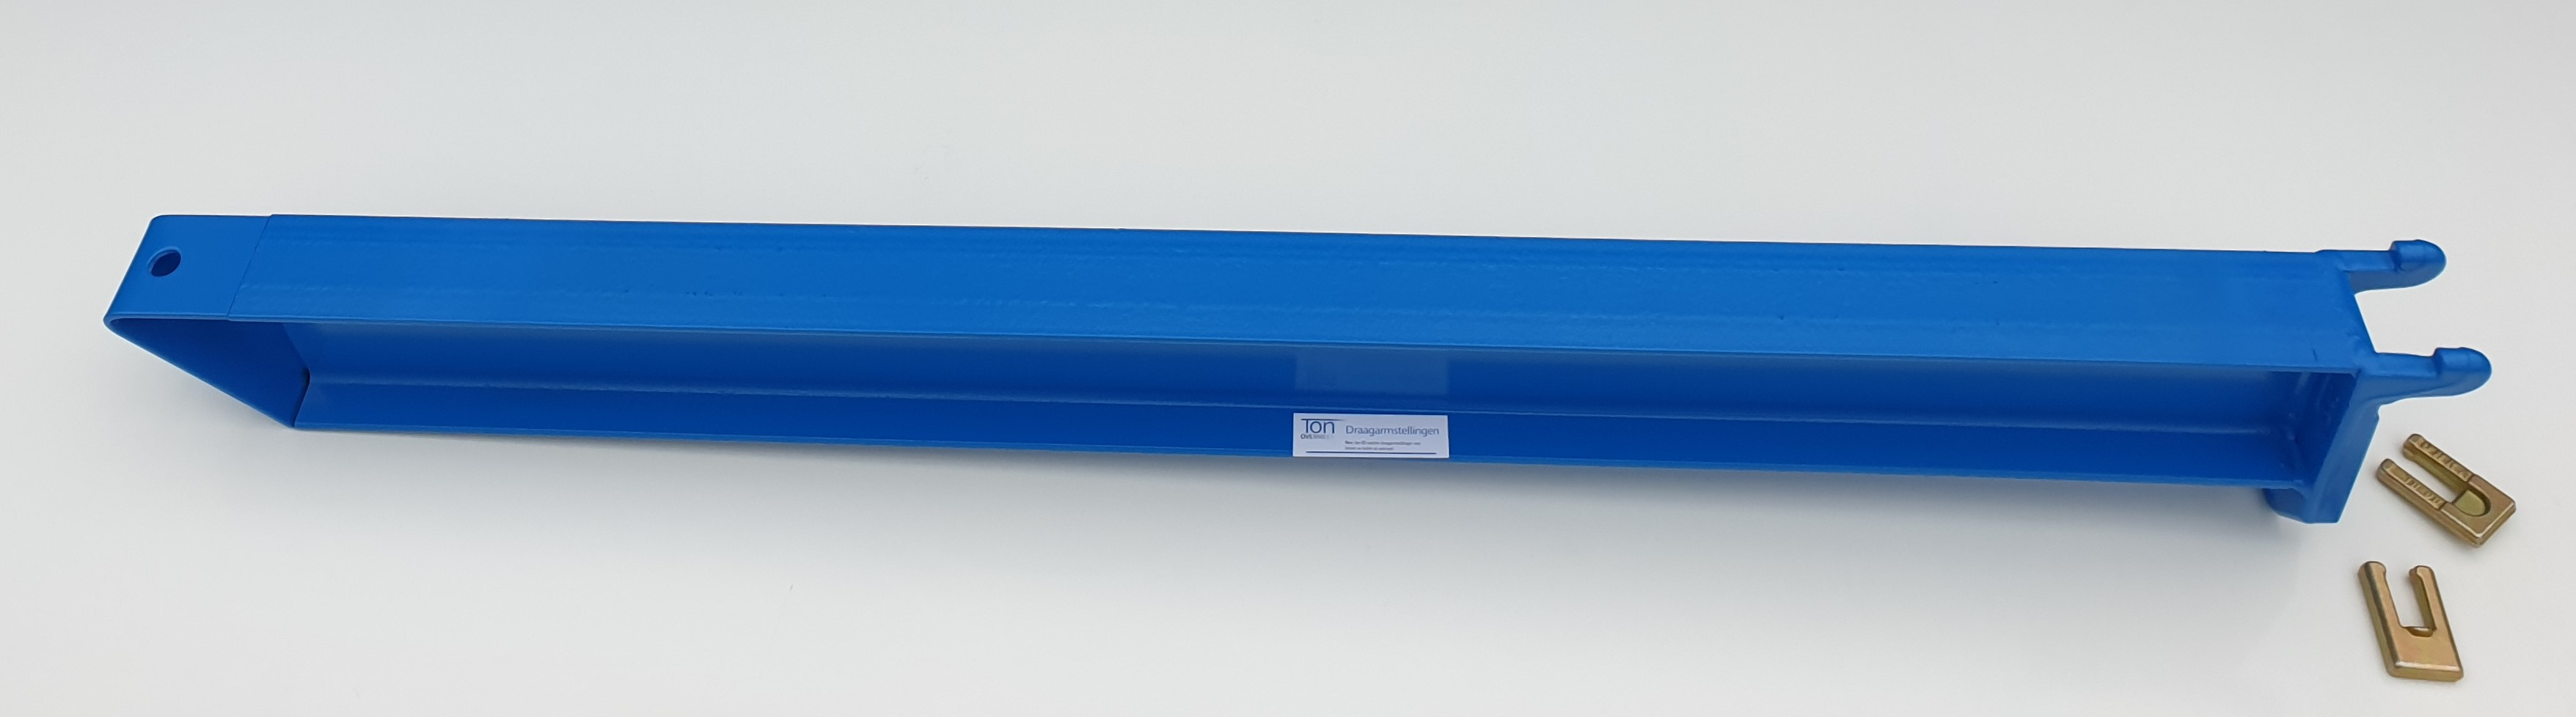 extra draagarmen 1.200 mm (V521A120)